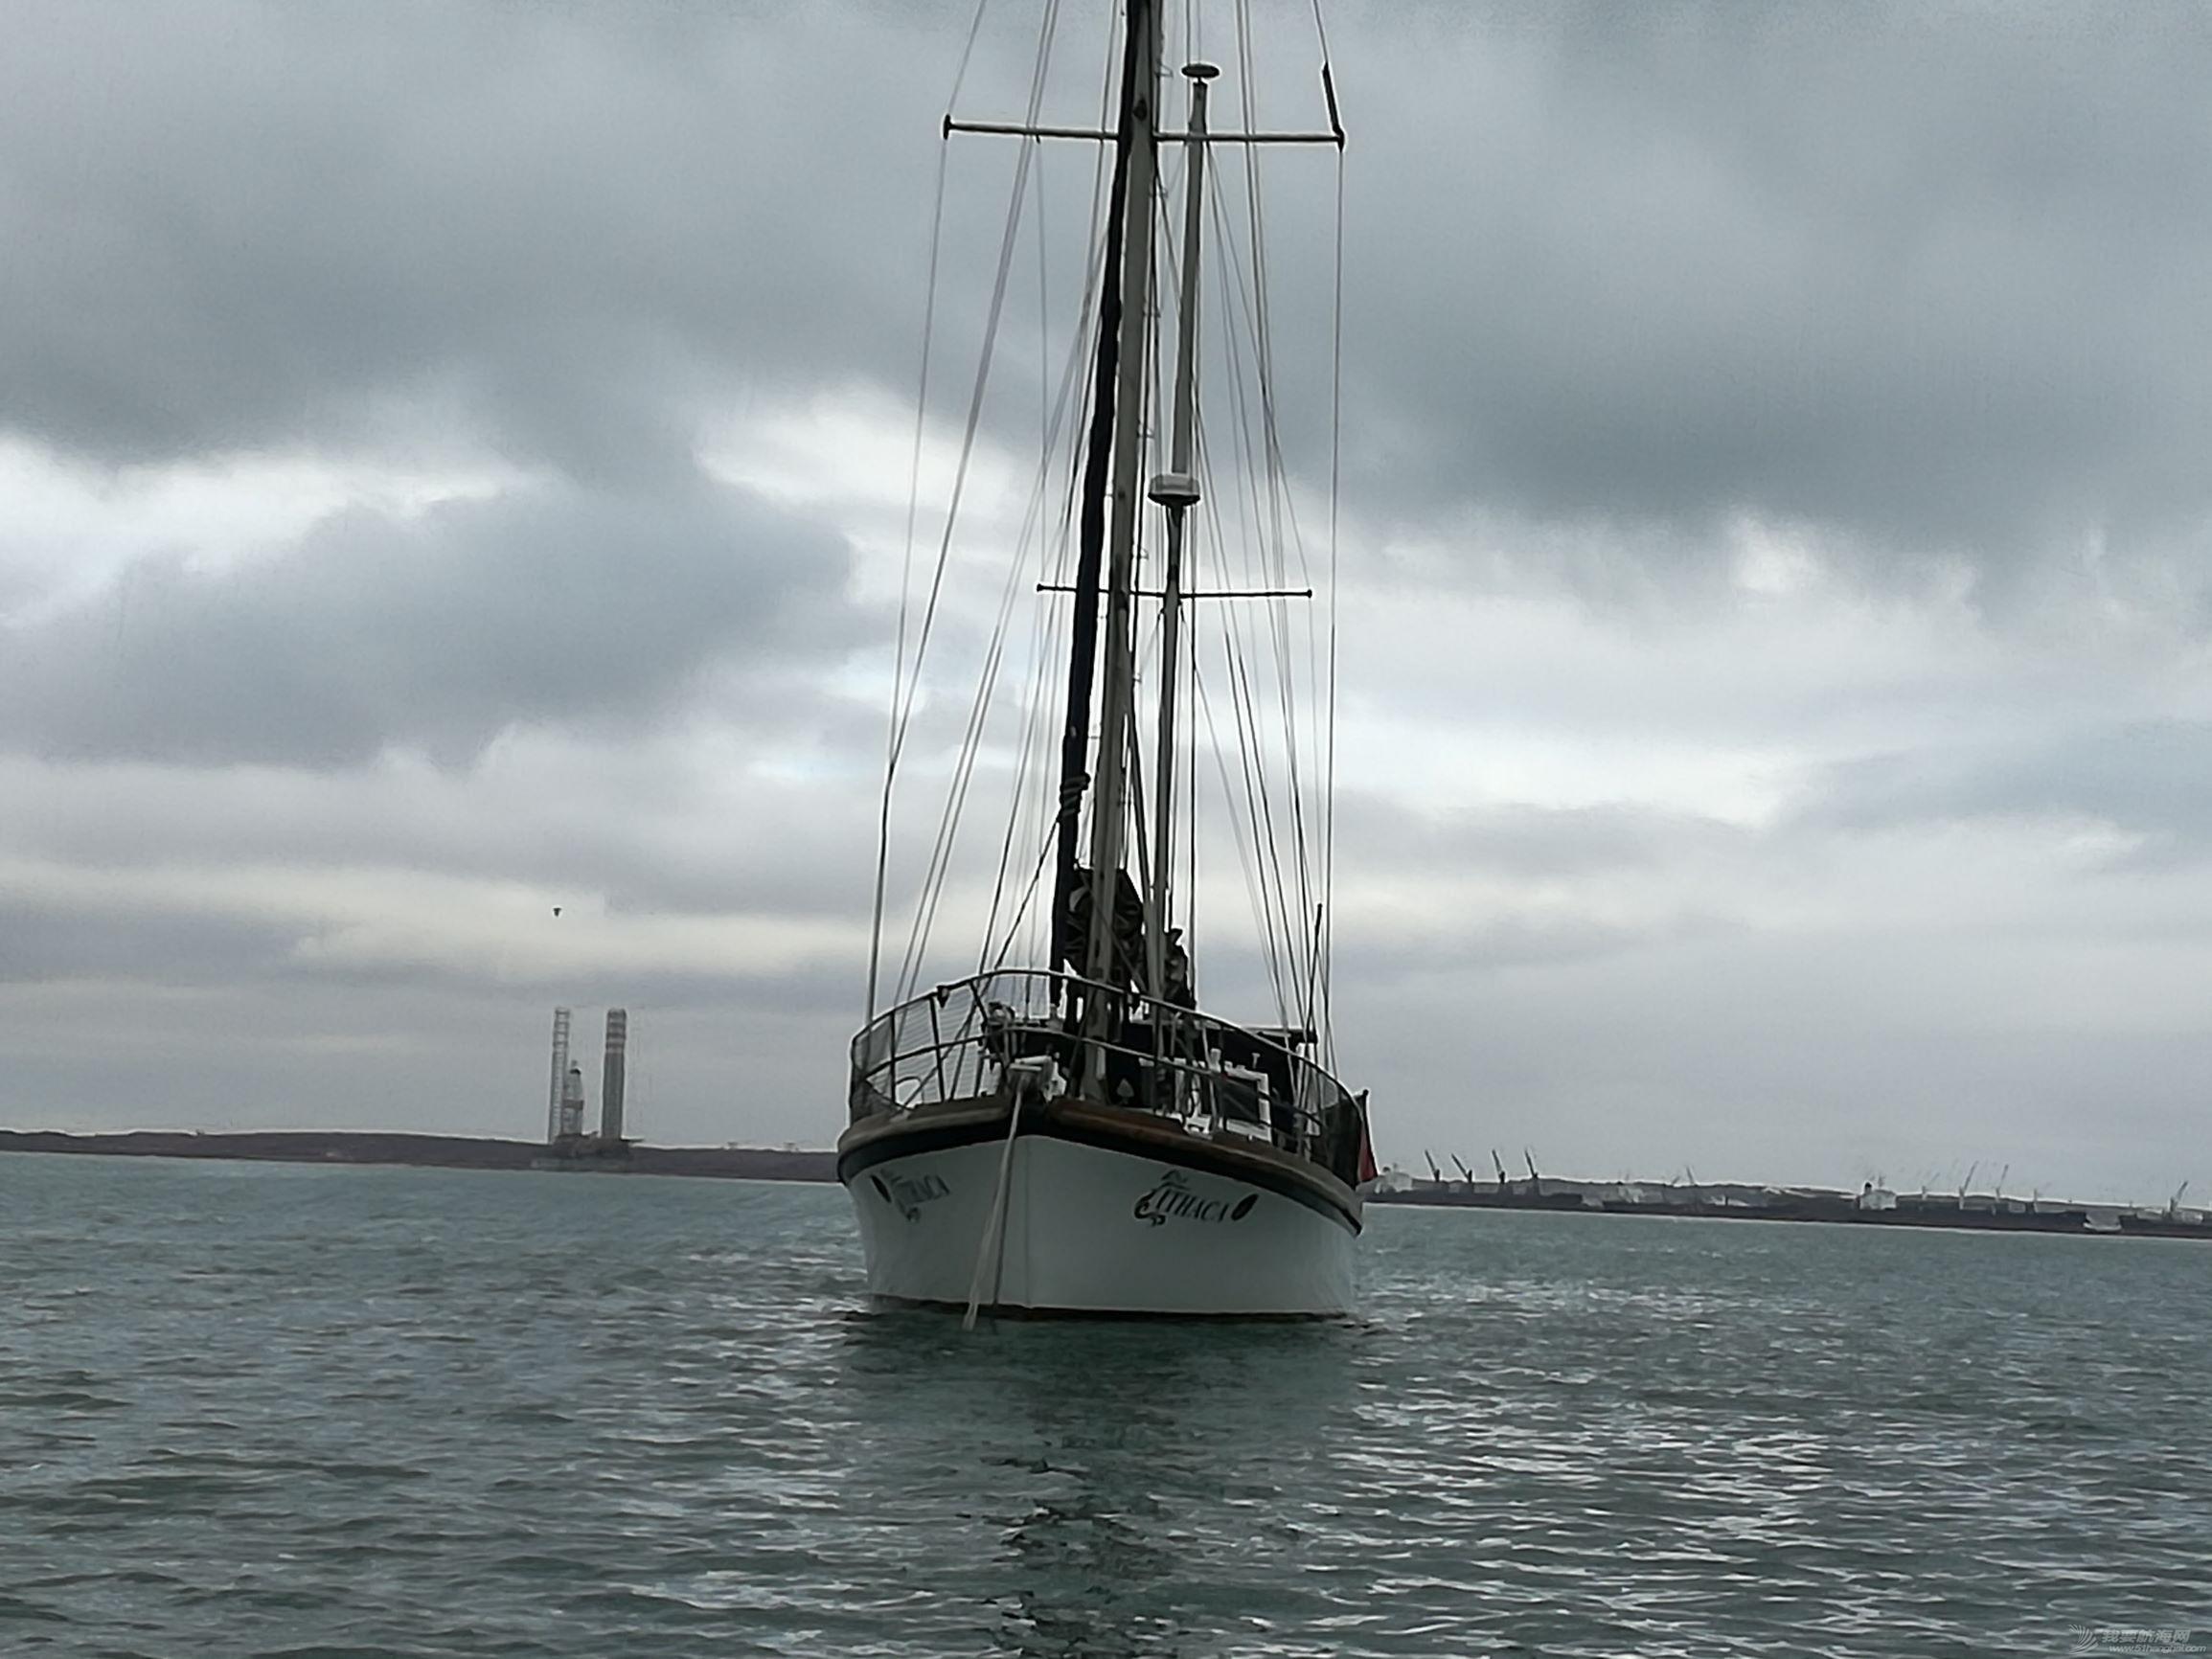 我们,帆船,俱乐部,南非,离开 ITHACA号航海 15 新年喜团聚,没有保险,也不能阻止向海洋出发 萨当那港俱乐部的锚地 023504f07y3bm6t0kk2obt